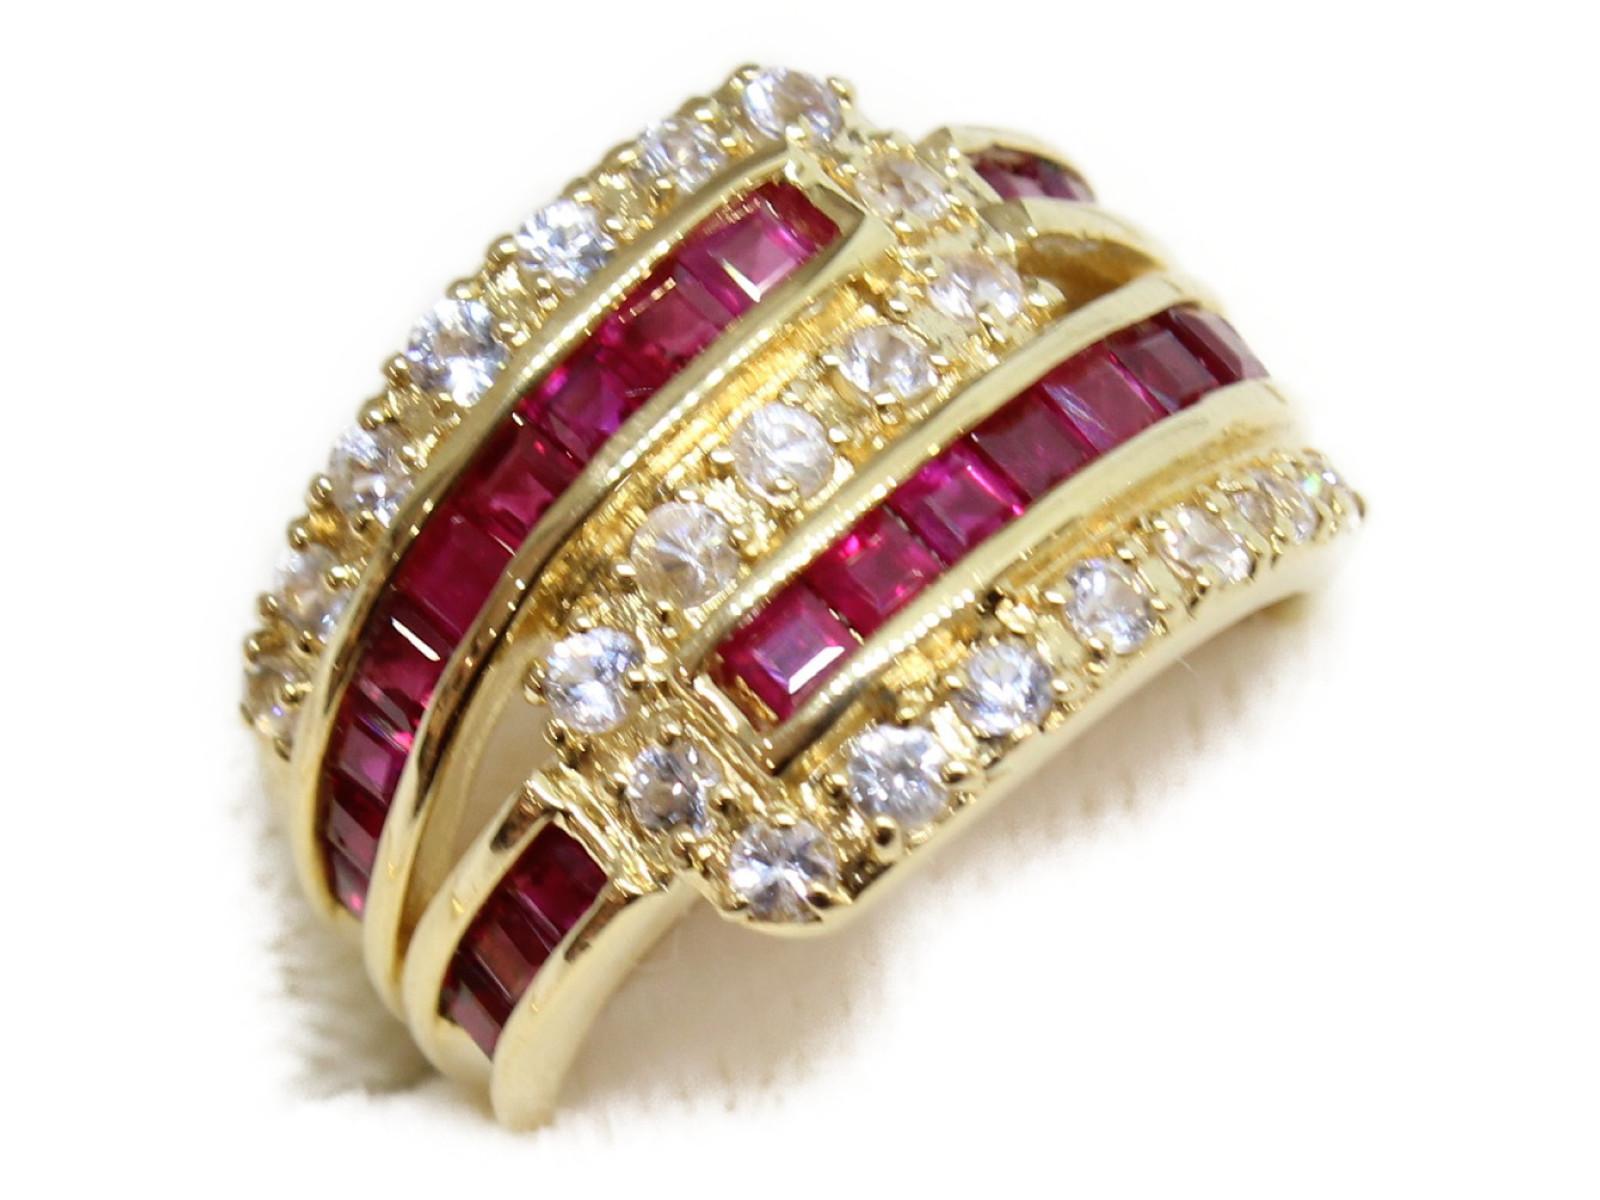 【☆新品仕上げ済☆】ルビーリングダイヤモンド ルビーK18 6.9g 約11号上品 高級ギフト包装可 【中古】